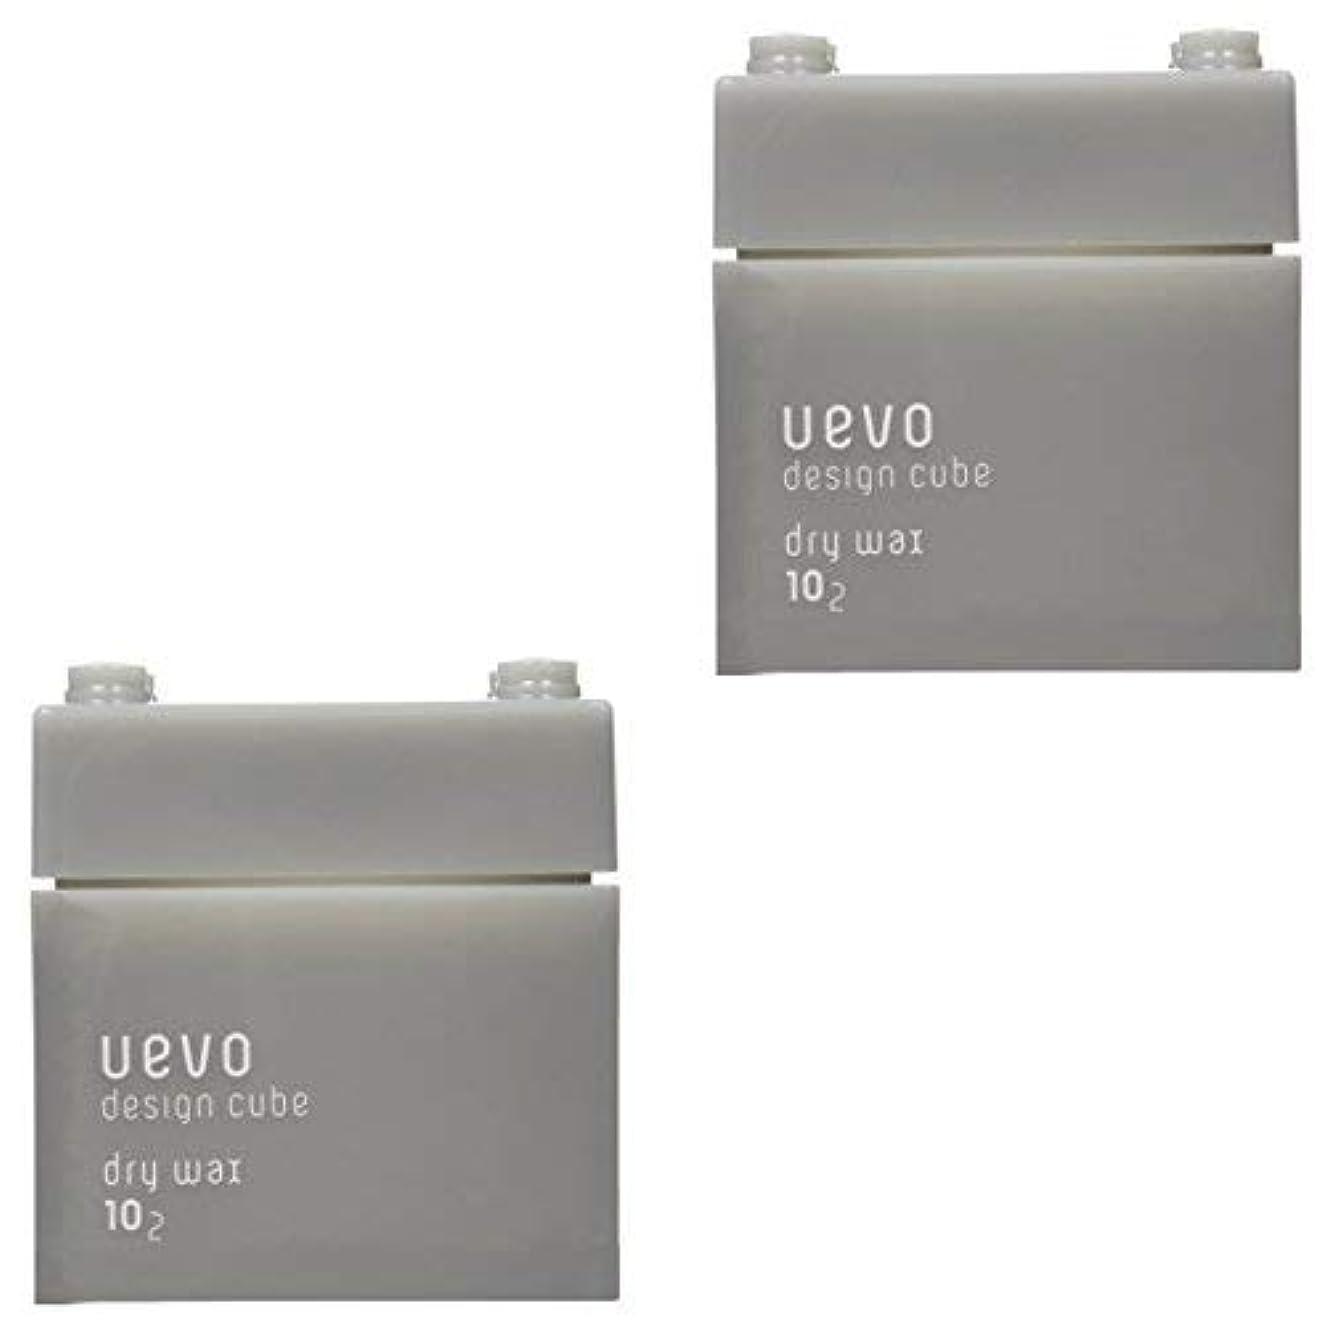 見つけた虐待動機付ける【X2個セット】 デミ ウェーボ デザインキューブ ドライワックス 80g dry wax DEMI uevo design cube